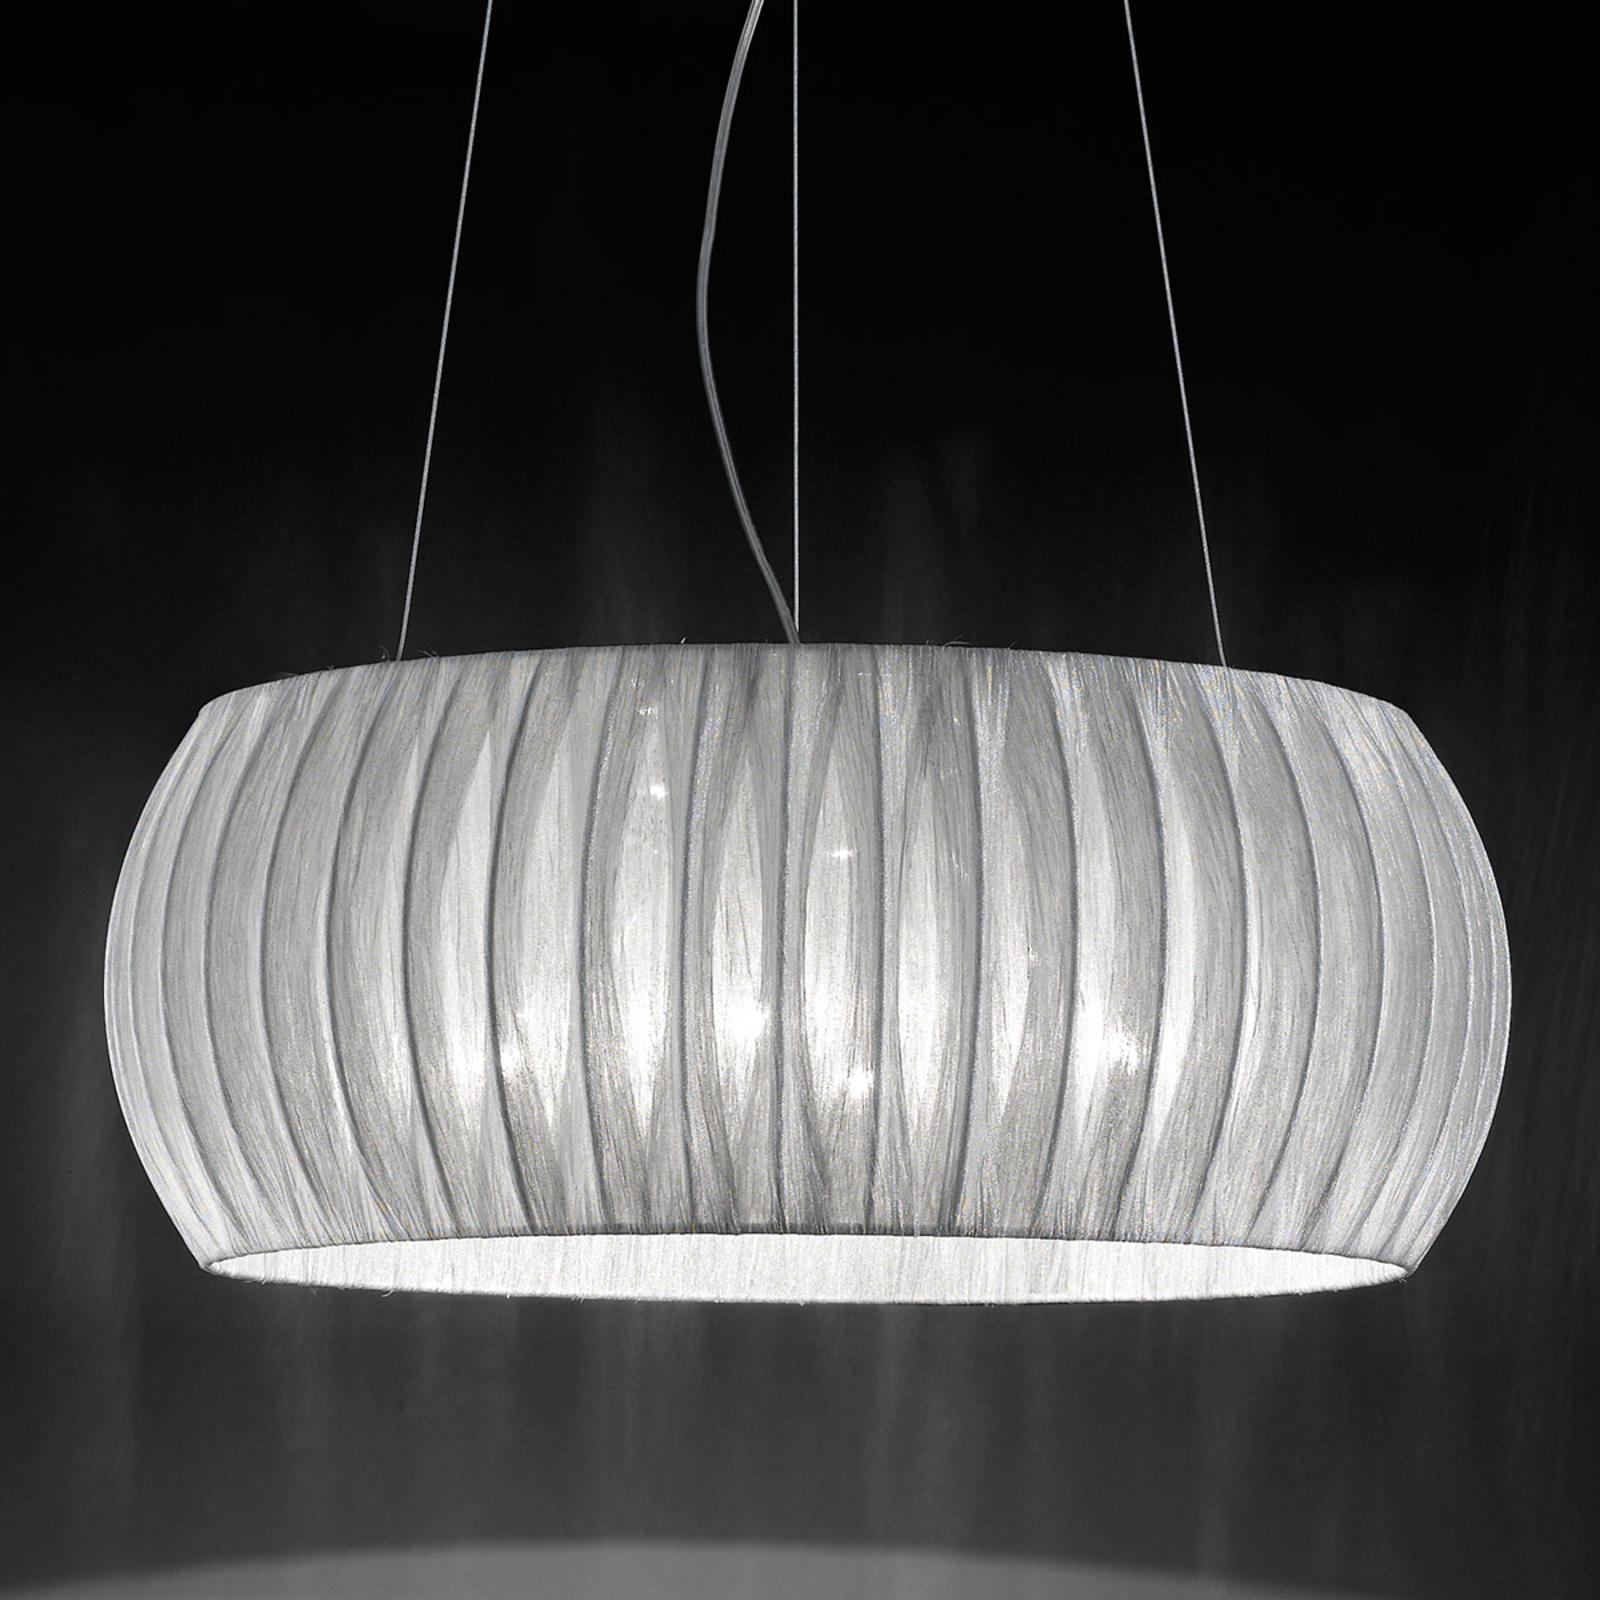 Suspension textile exquise Amaru 55 cm